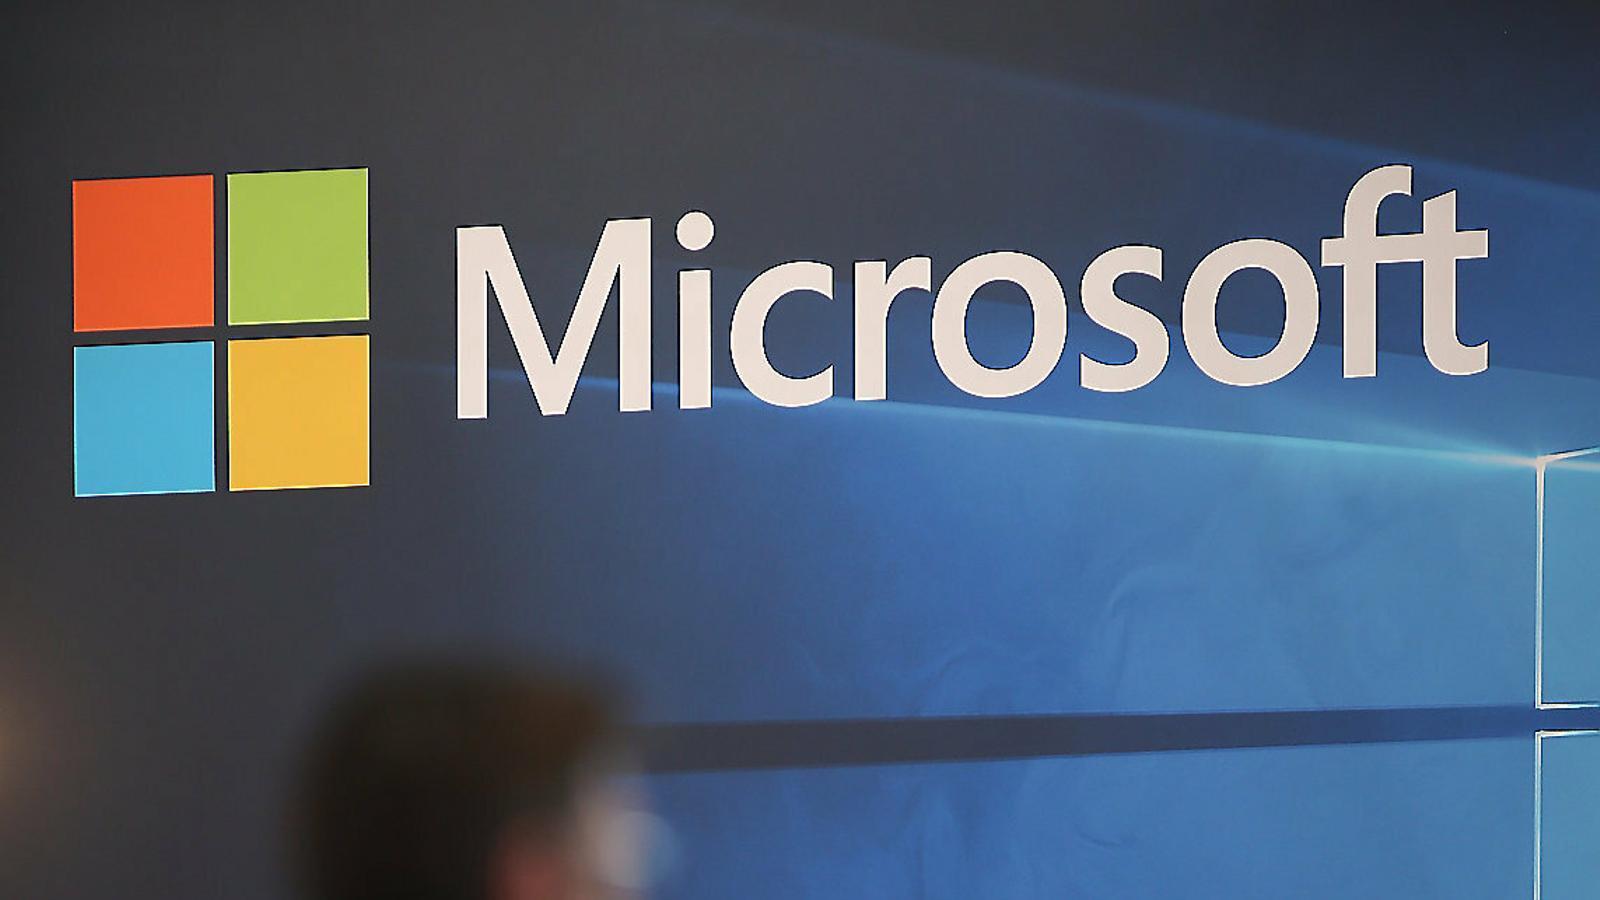 Microsoft inverteix 891 M€ en intel·ligència artificial